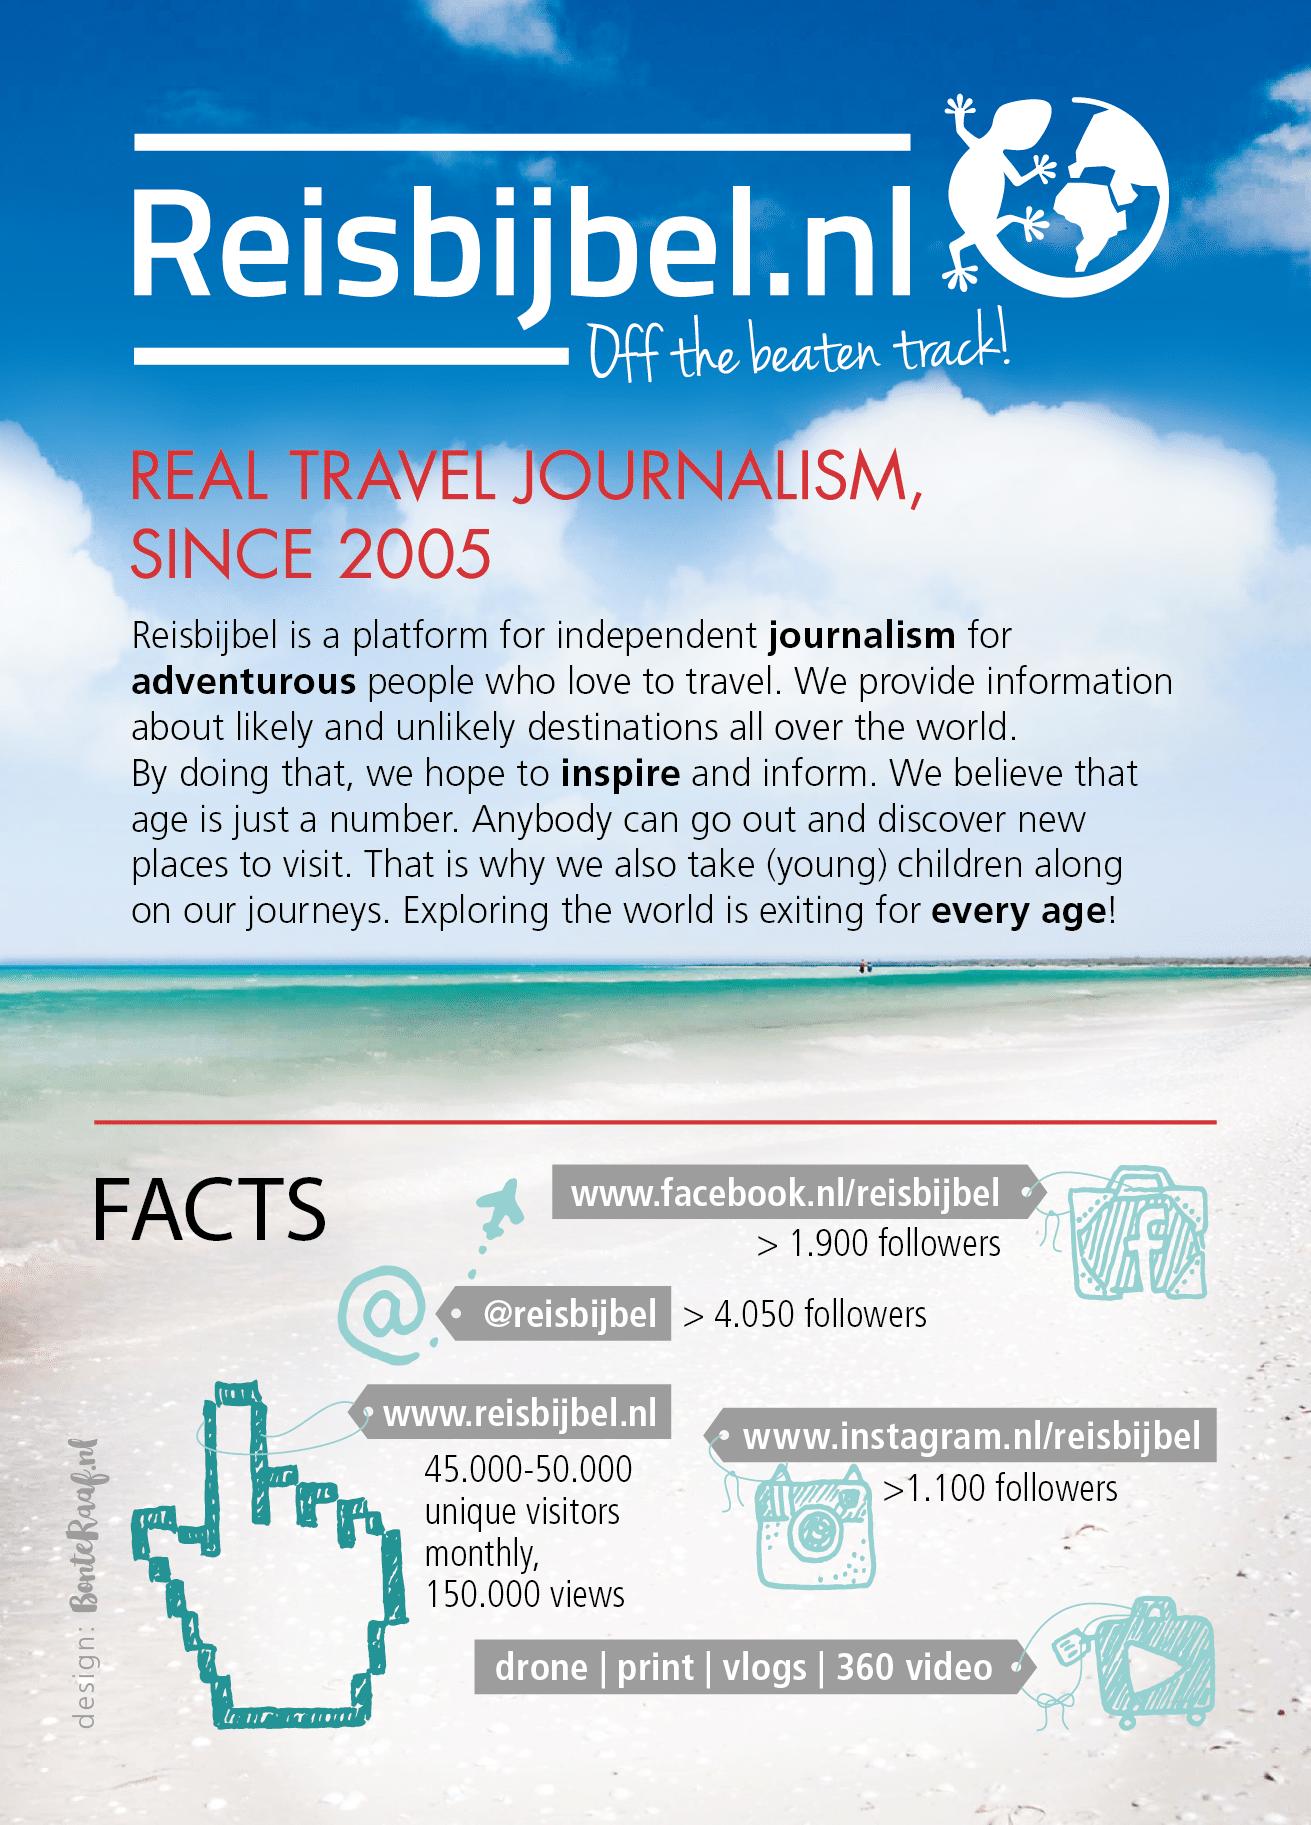 Reisbijbel infographic factsheet